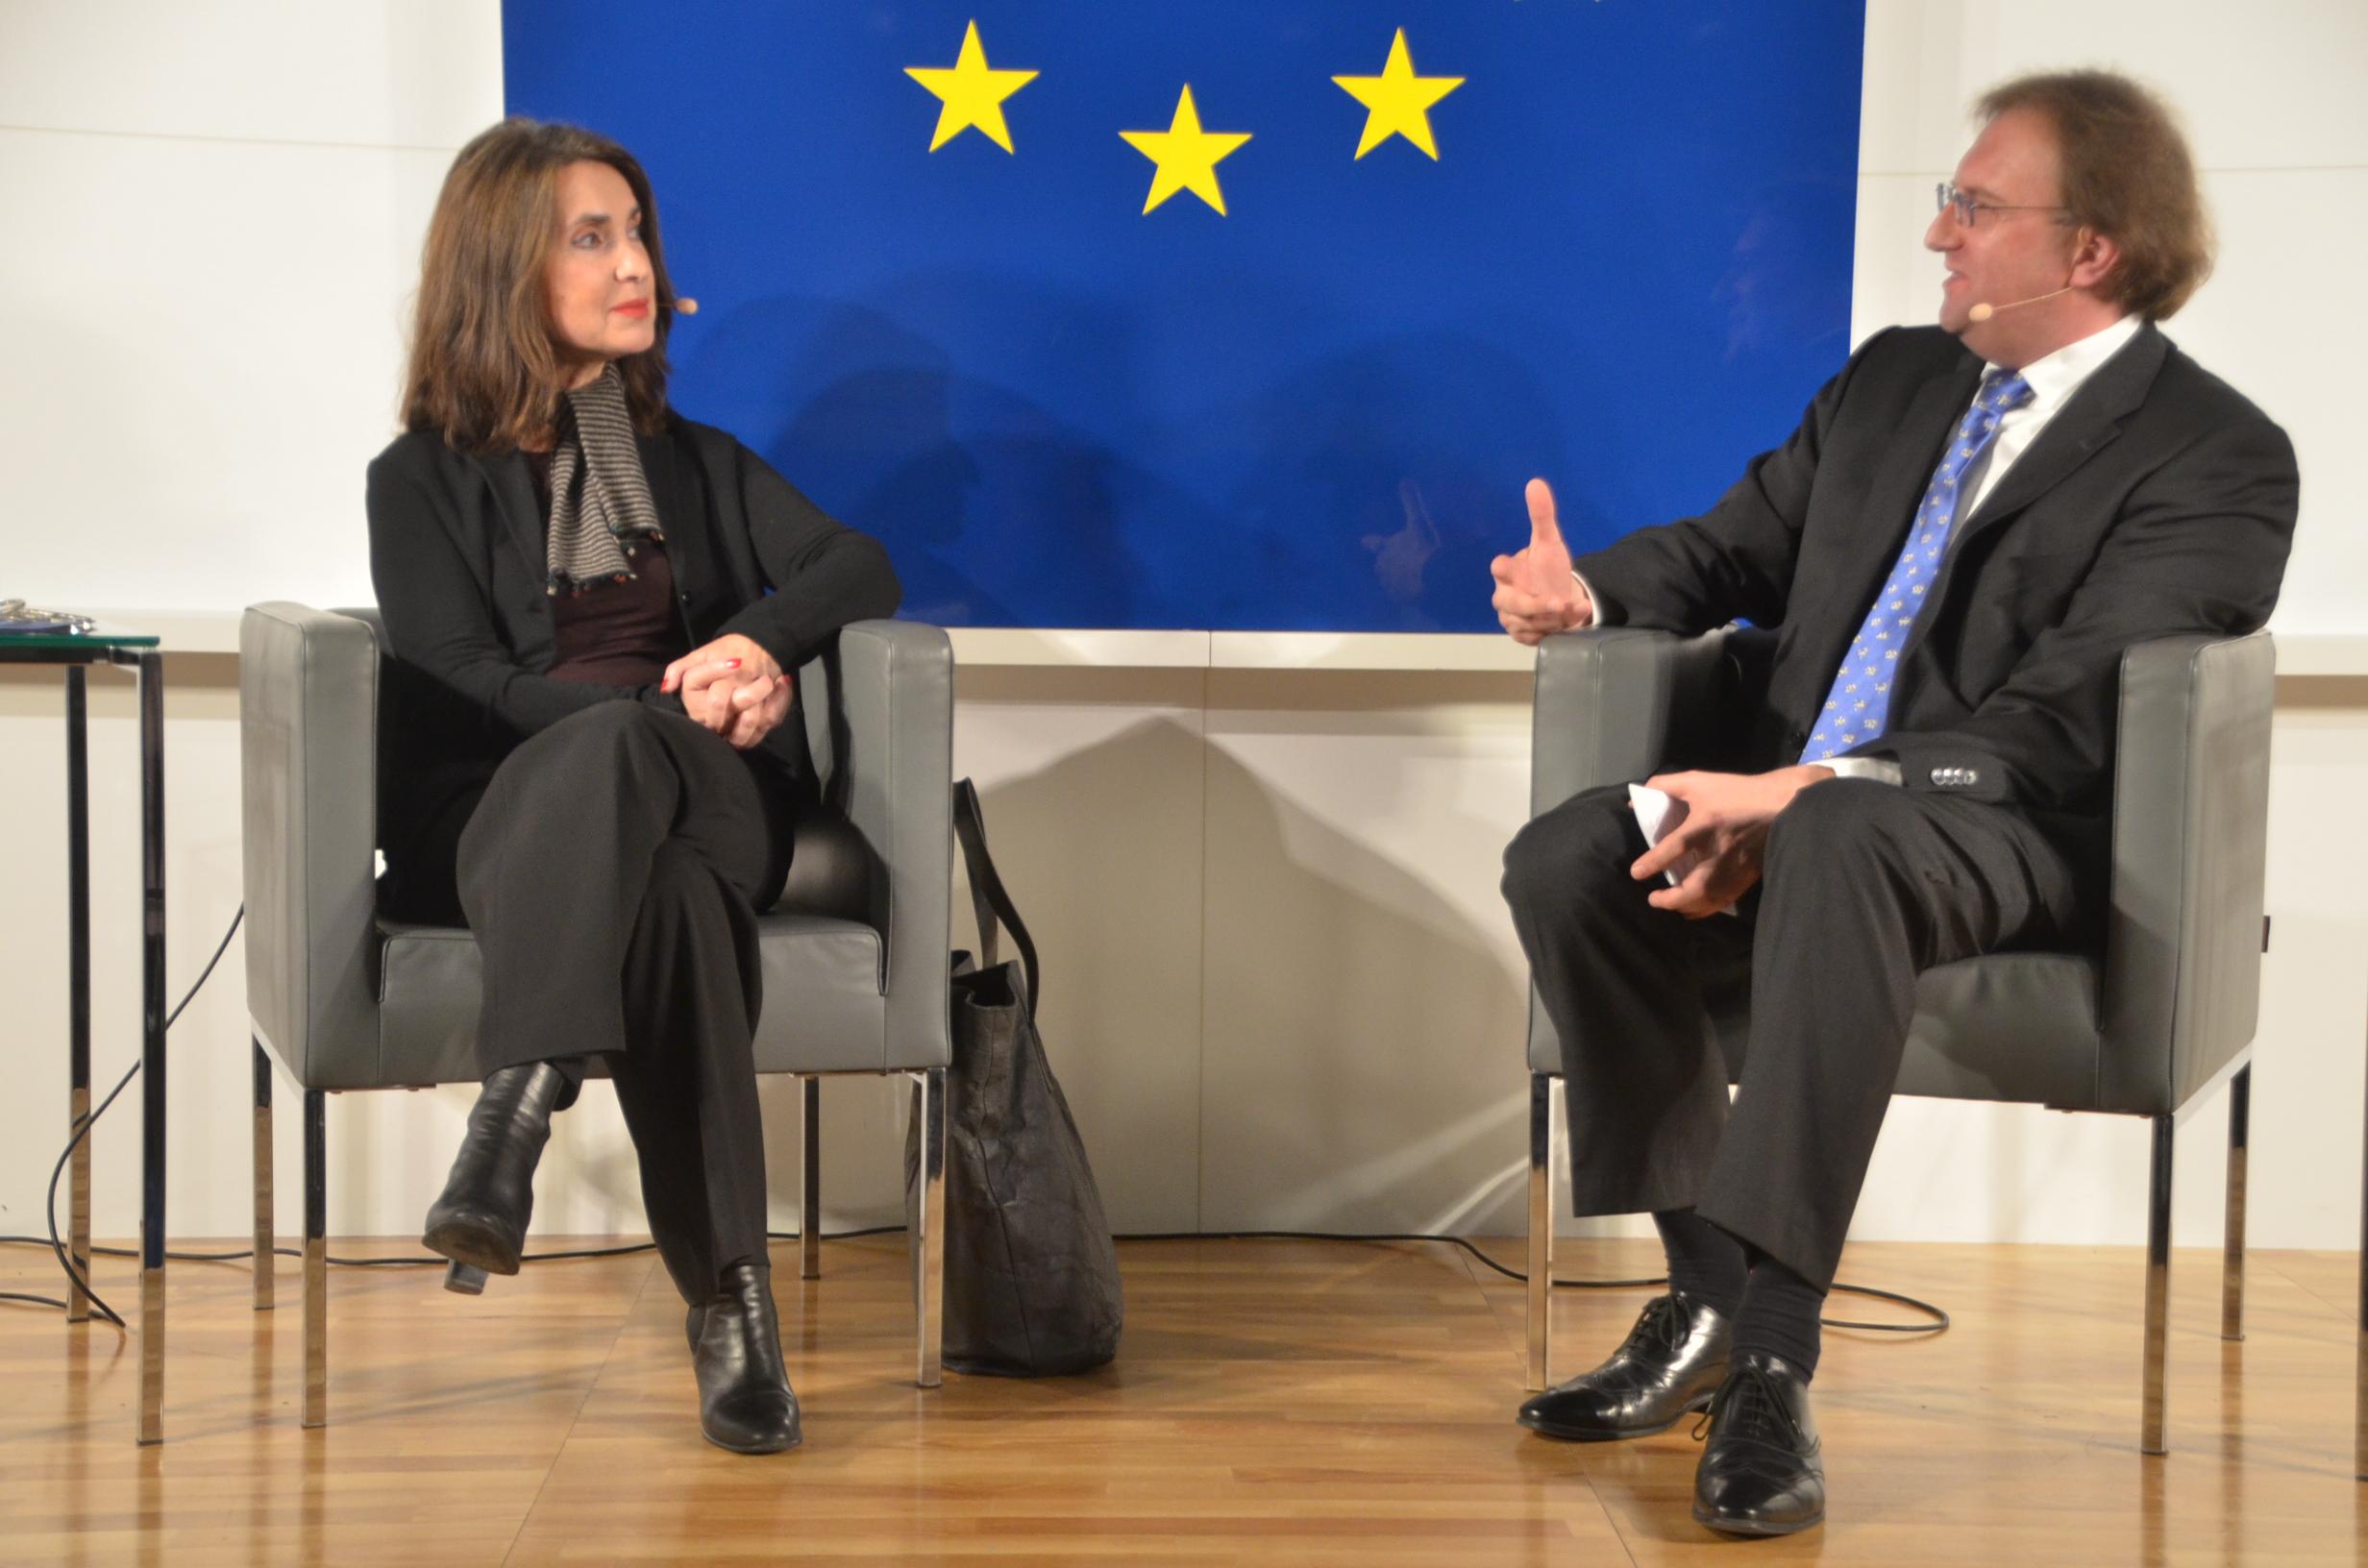 europadialog_mathilde-schwabeneder_a16_29778591__credit_european-commission